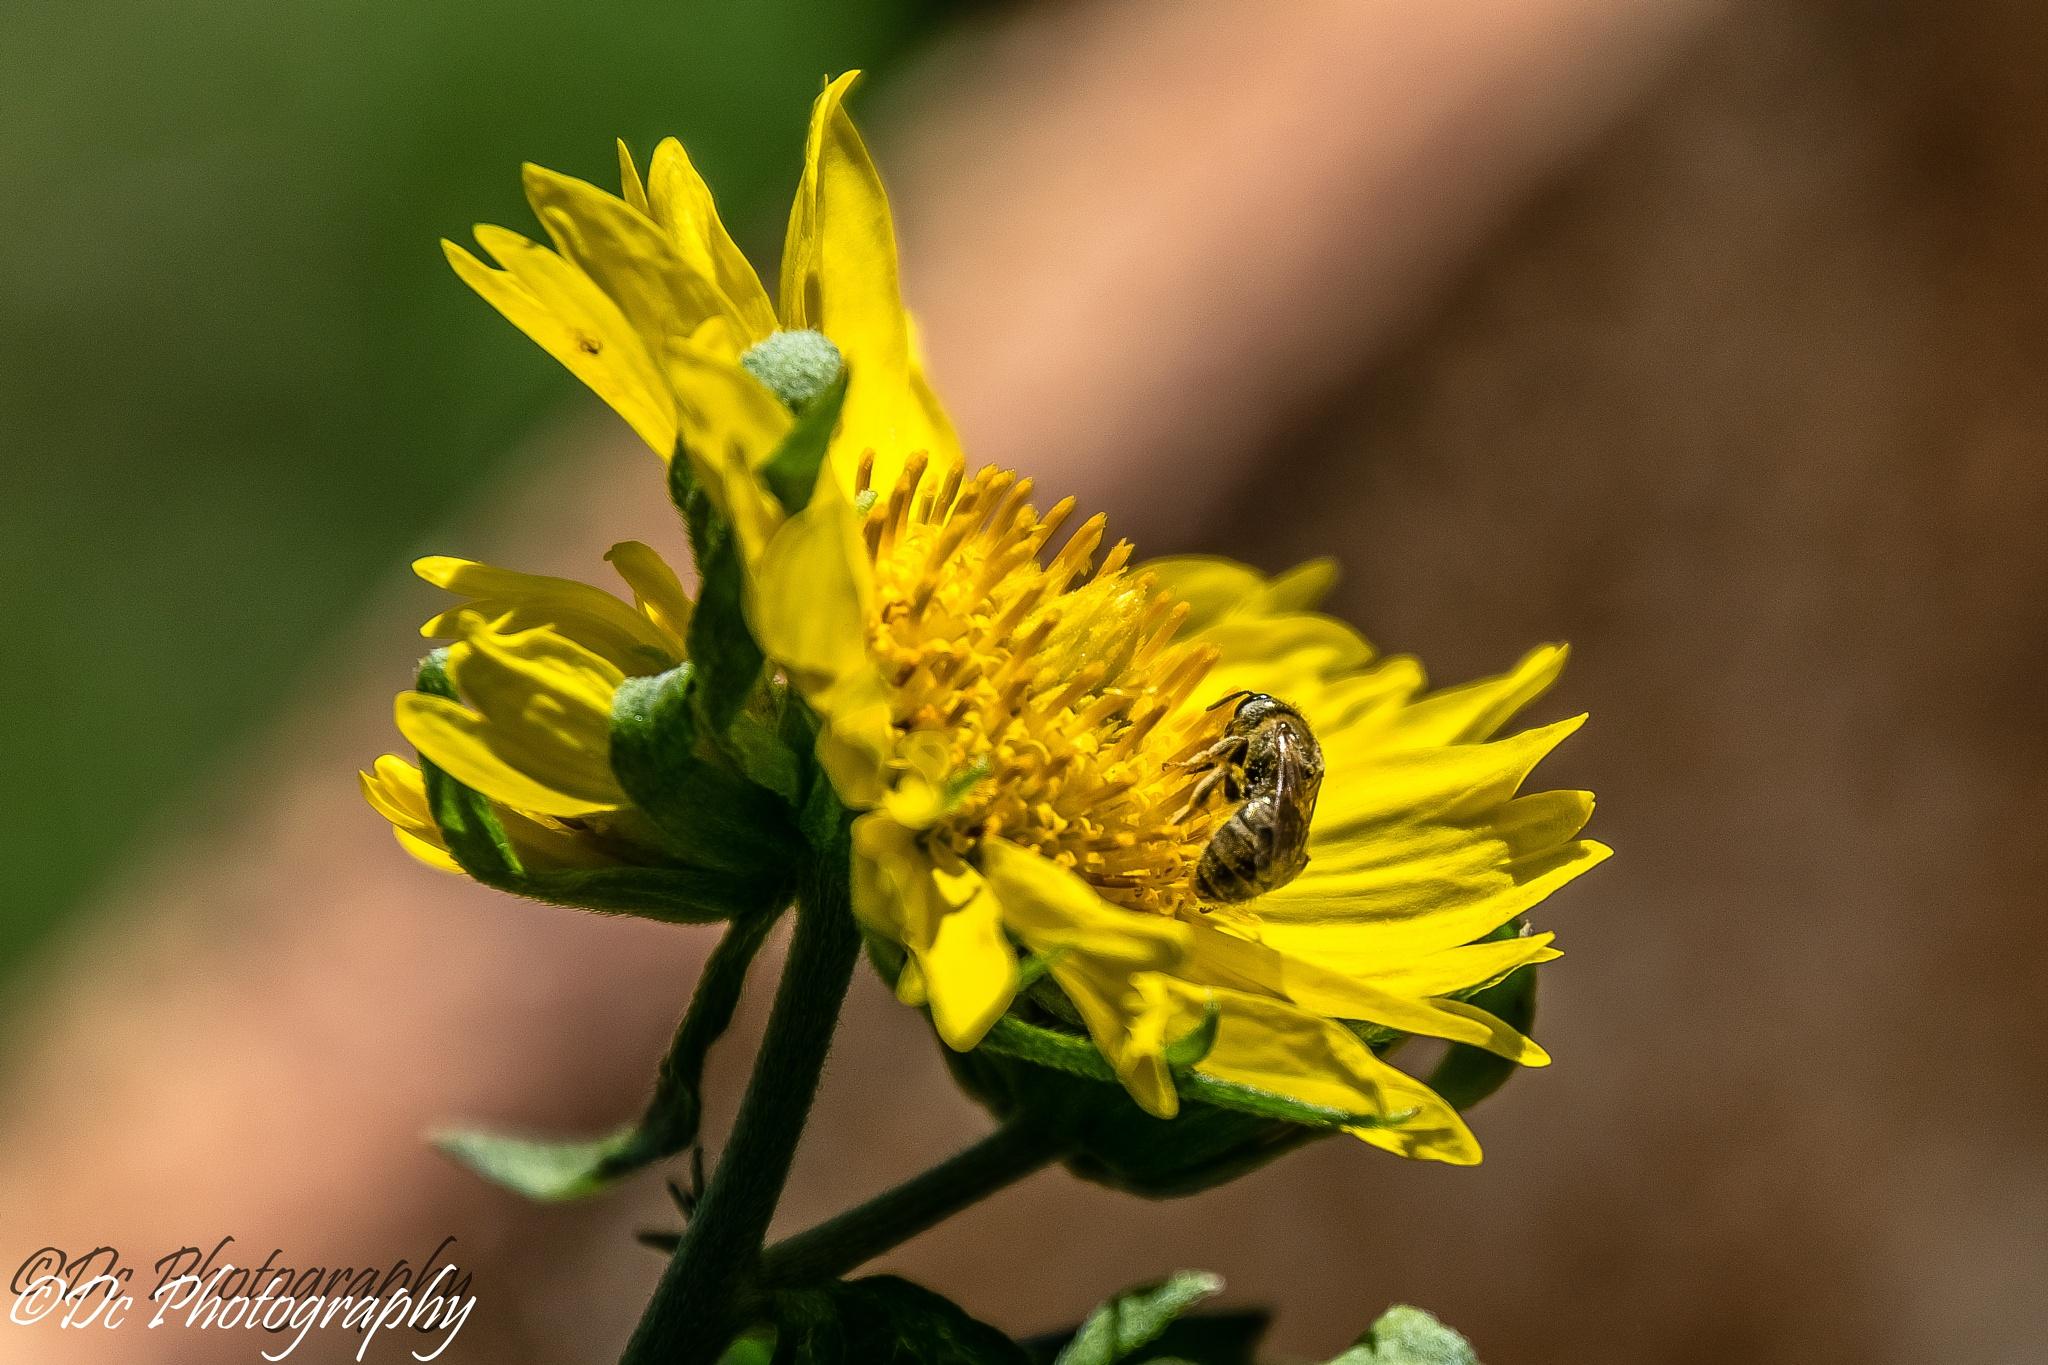 Flower & Bee by Dusky De Reuck